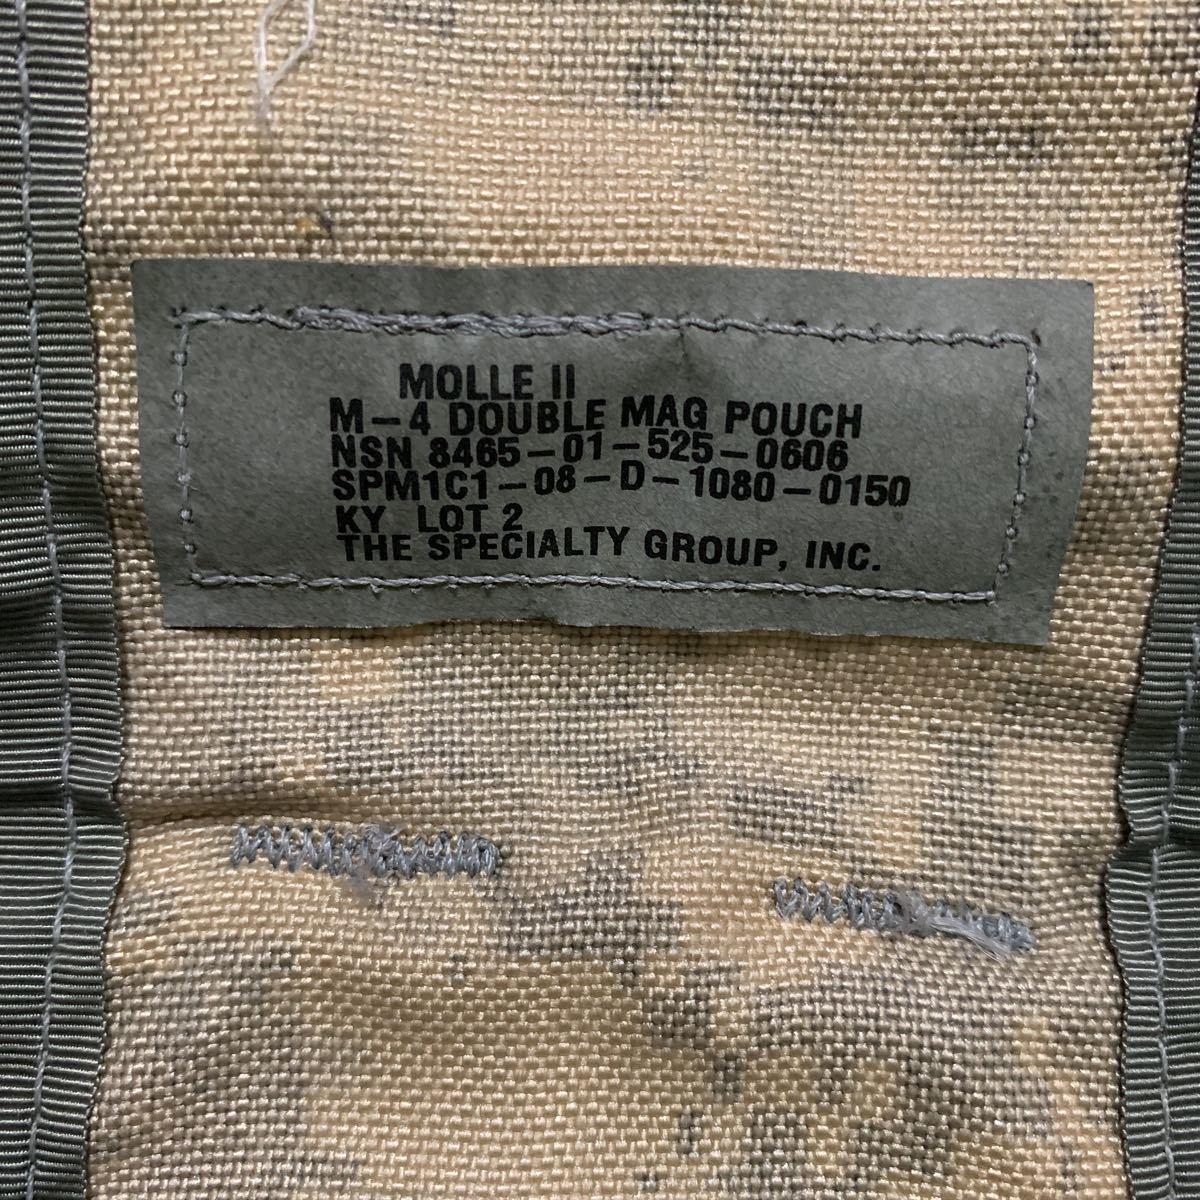 実物 米軍 放出品 ACU Molle ダブルマガジン ポーチM4/M16用 ARMY 陸軍_画像3